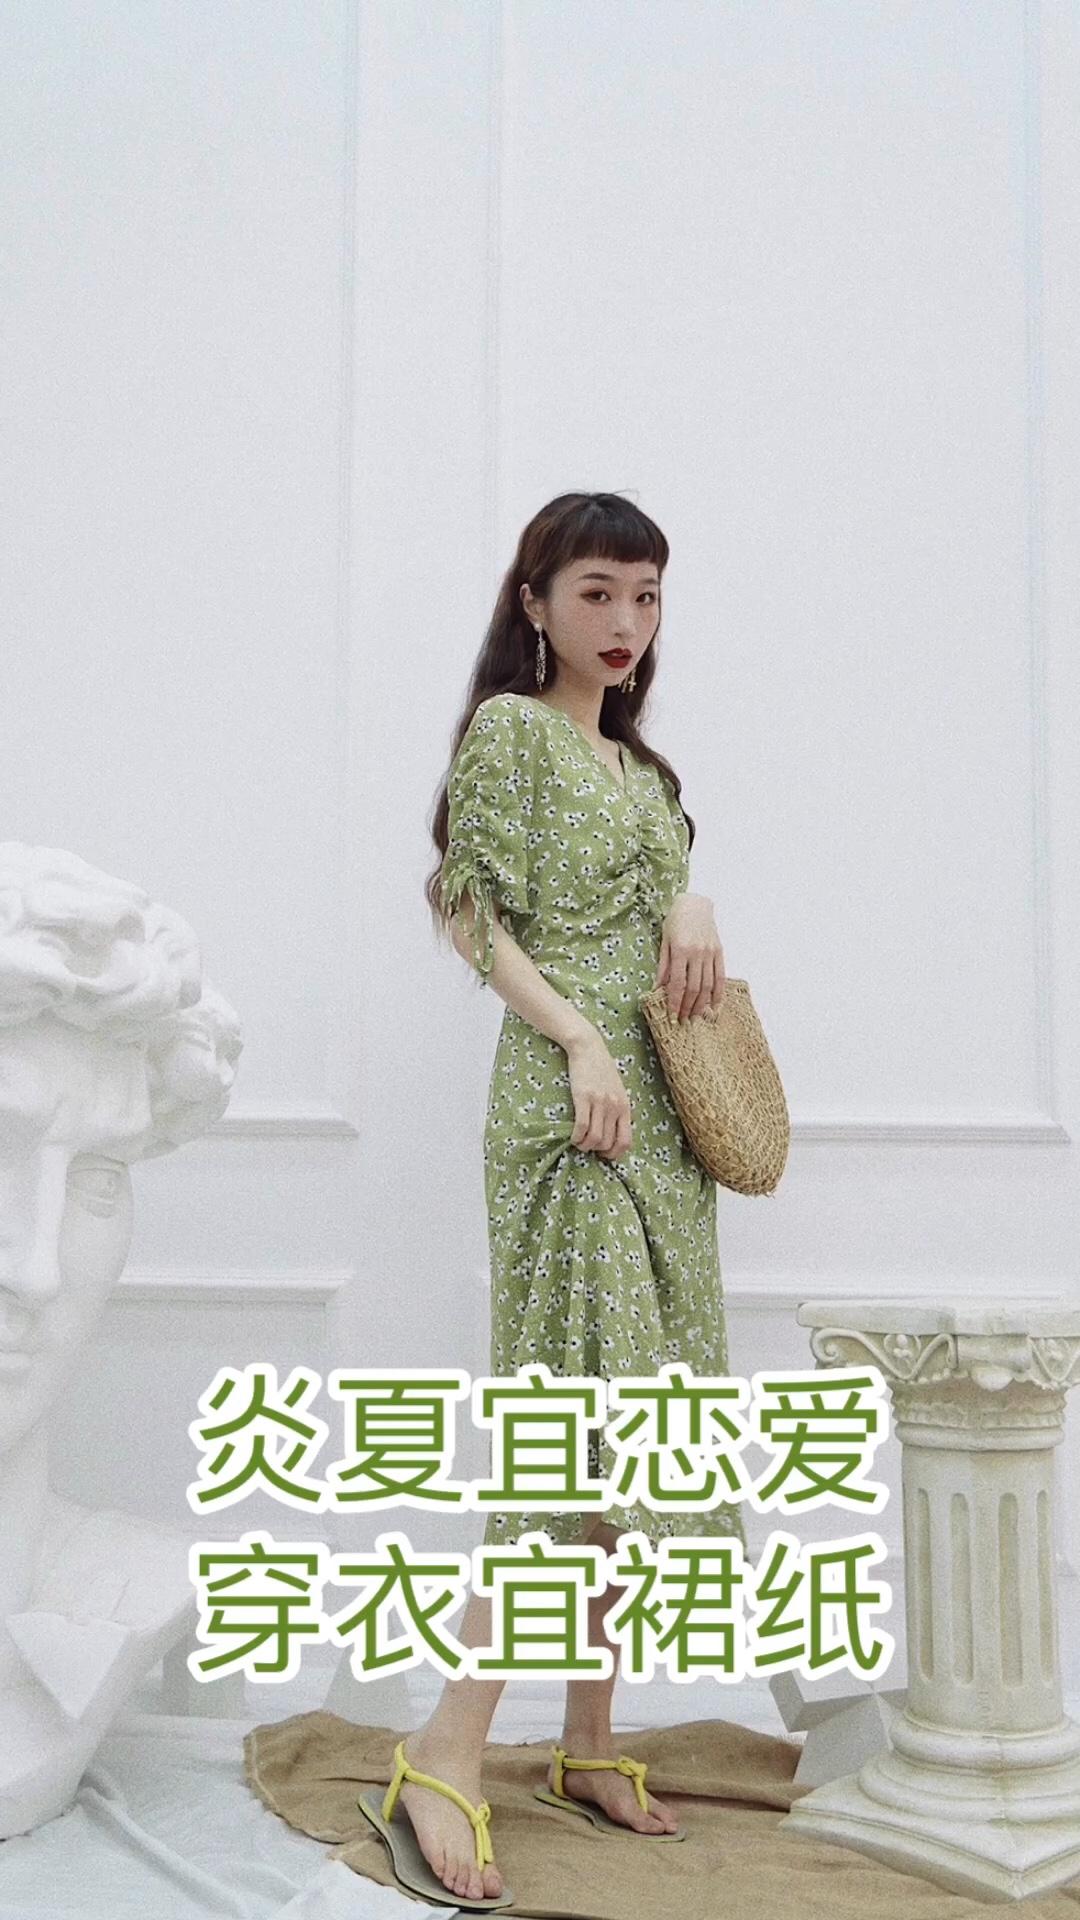 #蘑菇街新品测评#  颜色的夏天,用清新的绿色来降降温啦。法式碎花长裙,袖口抽绳和胸前的褶皱设计增添了别致的感觉,穿上一秒变清新少女,适合恋爱女孩约会穿啦。